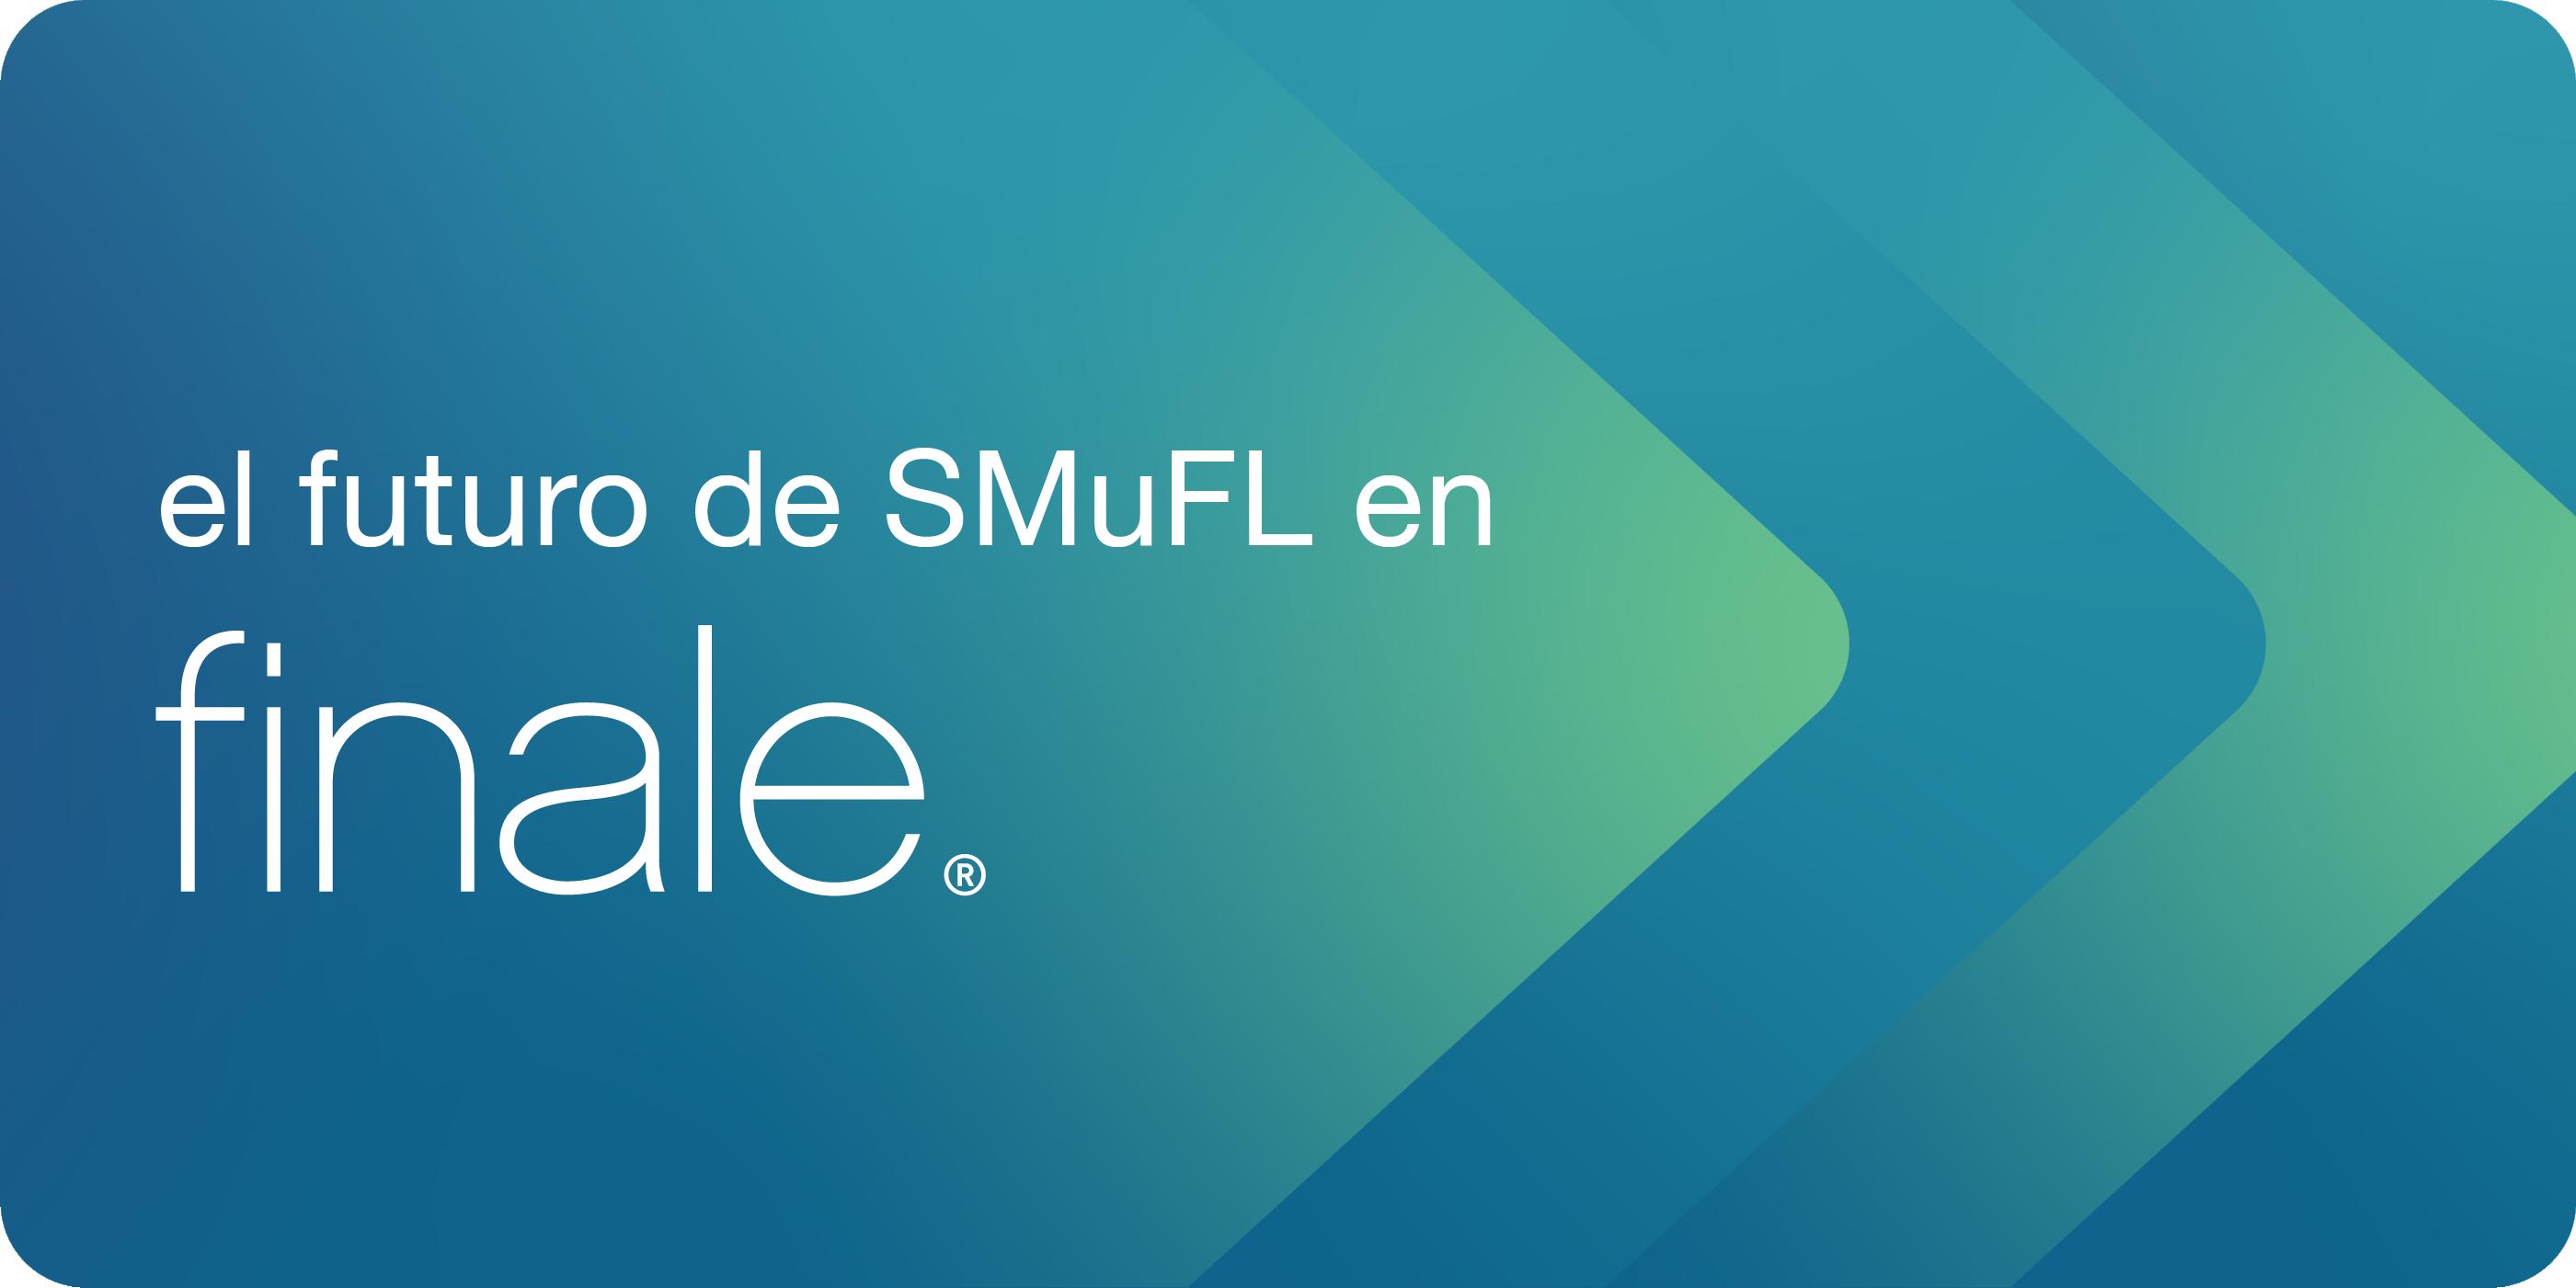 Futuro de SMuFL